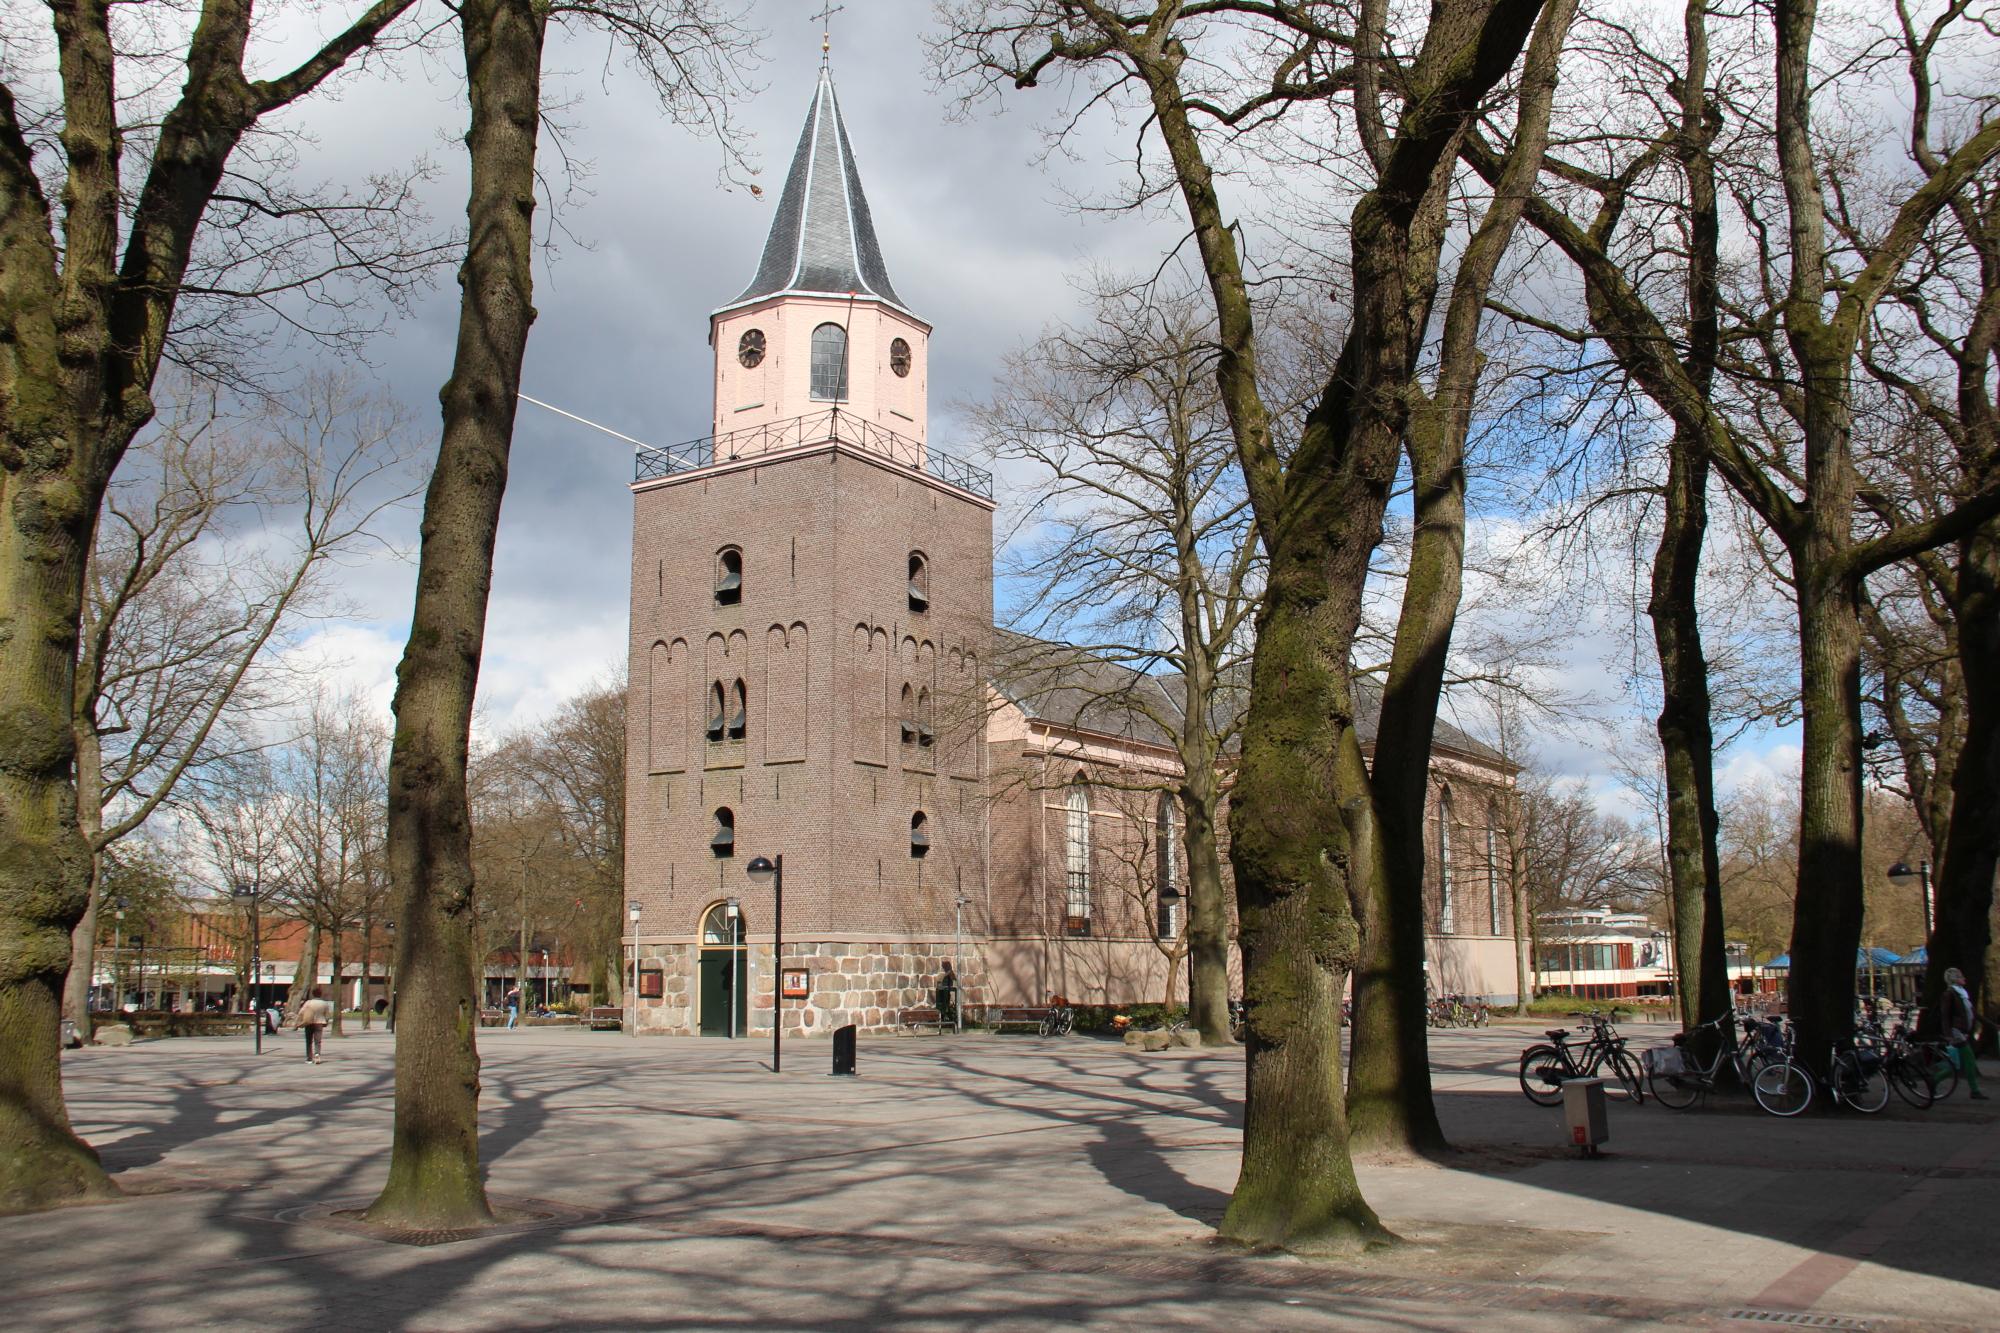 Pancratiuskerk, Emmen